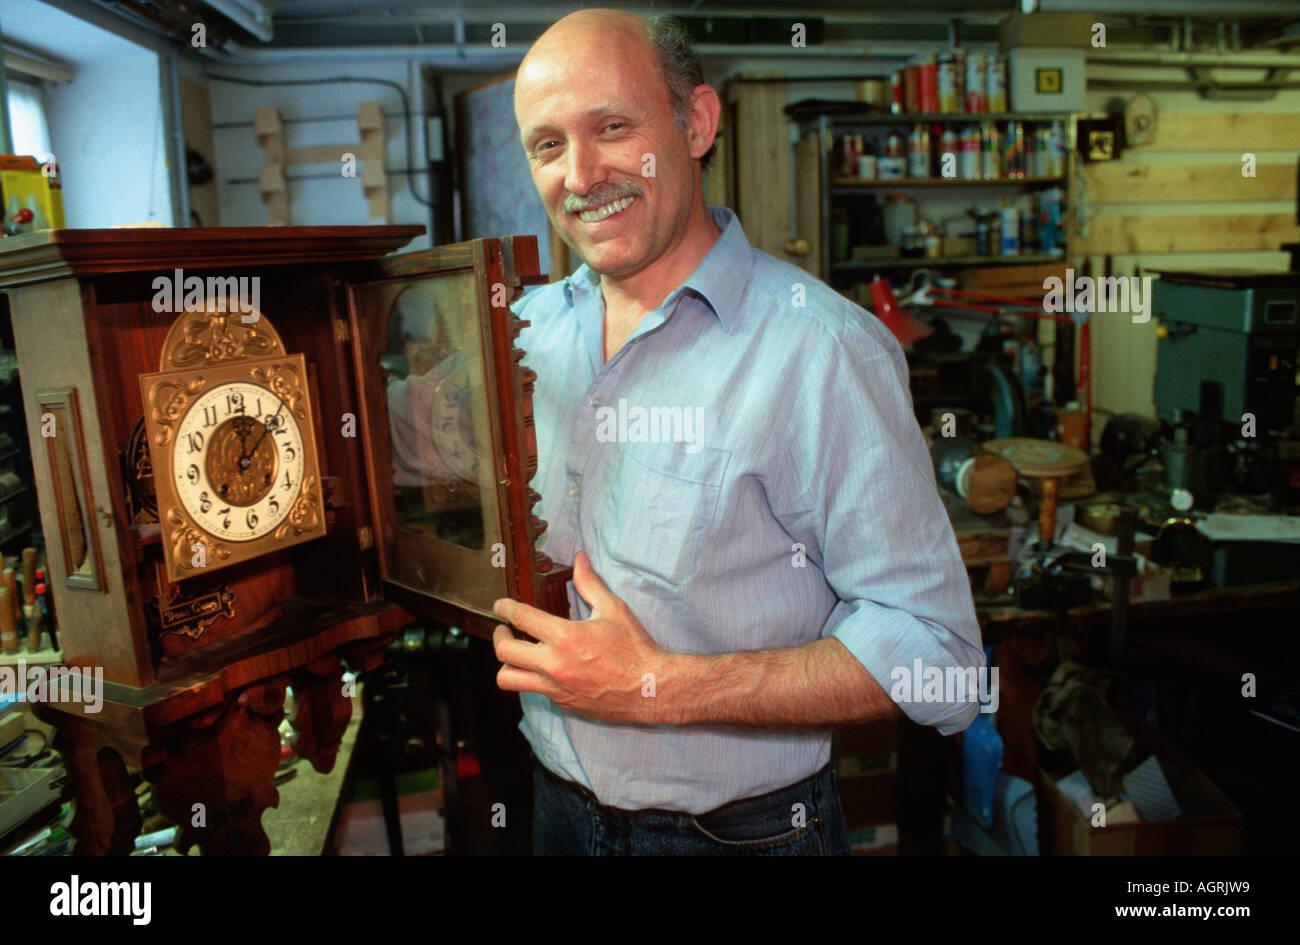 Watchmaker / Clockmaker - Stock Image